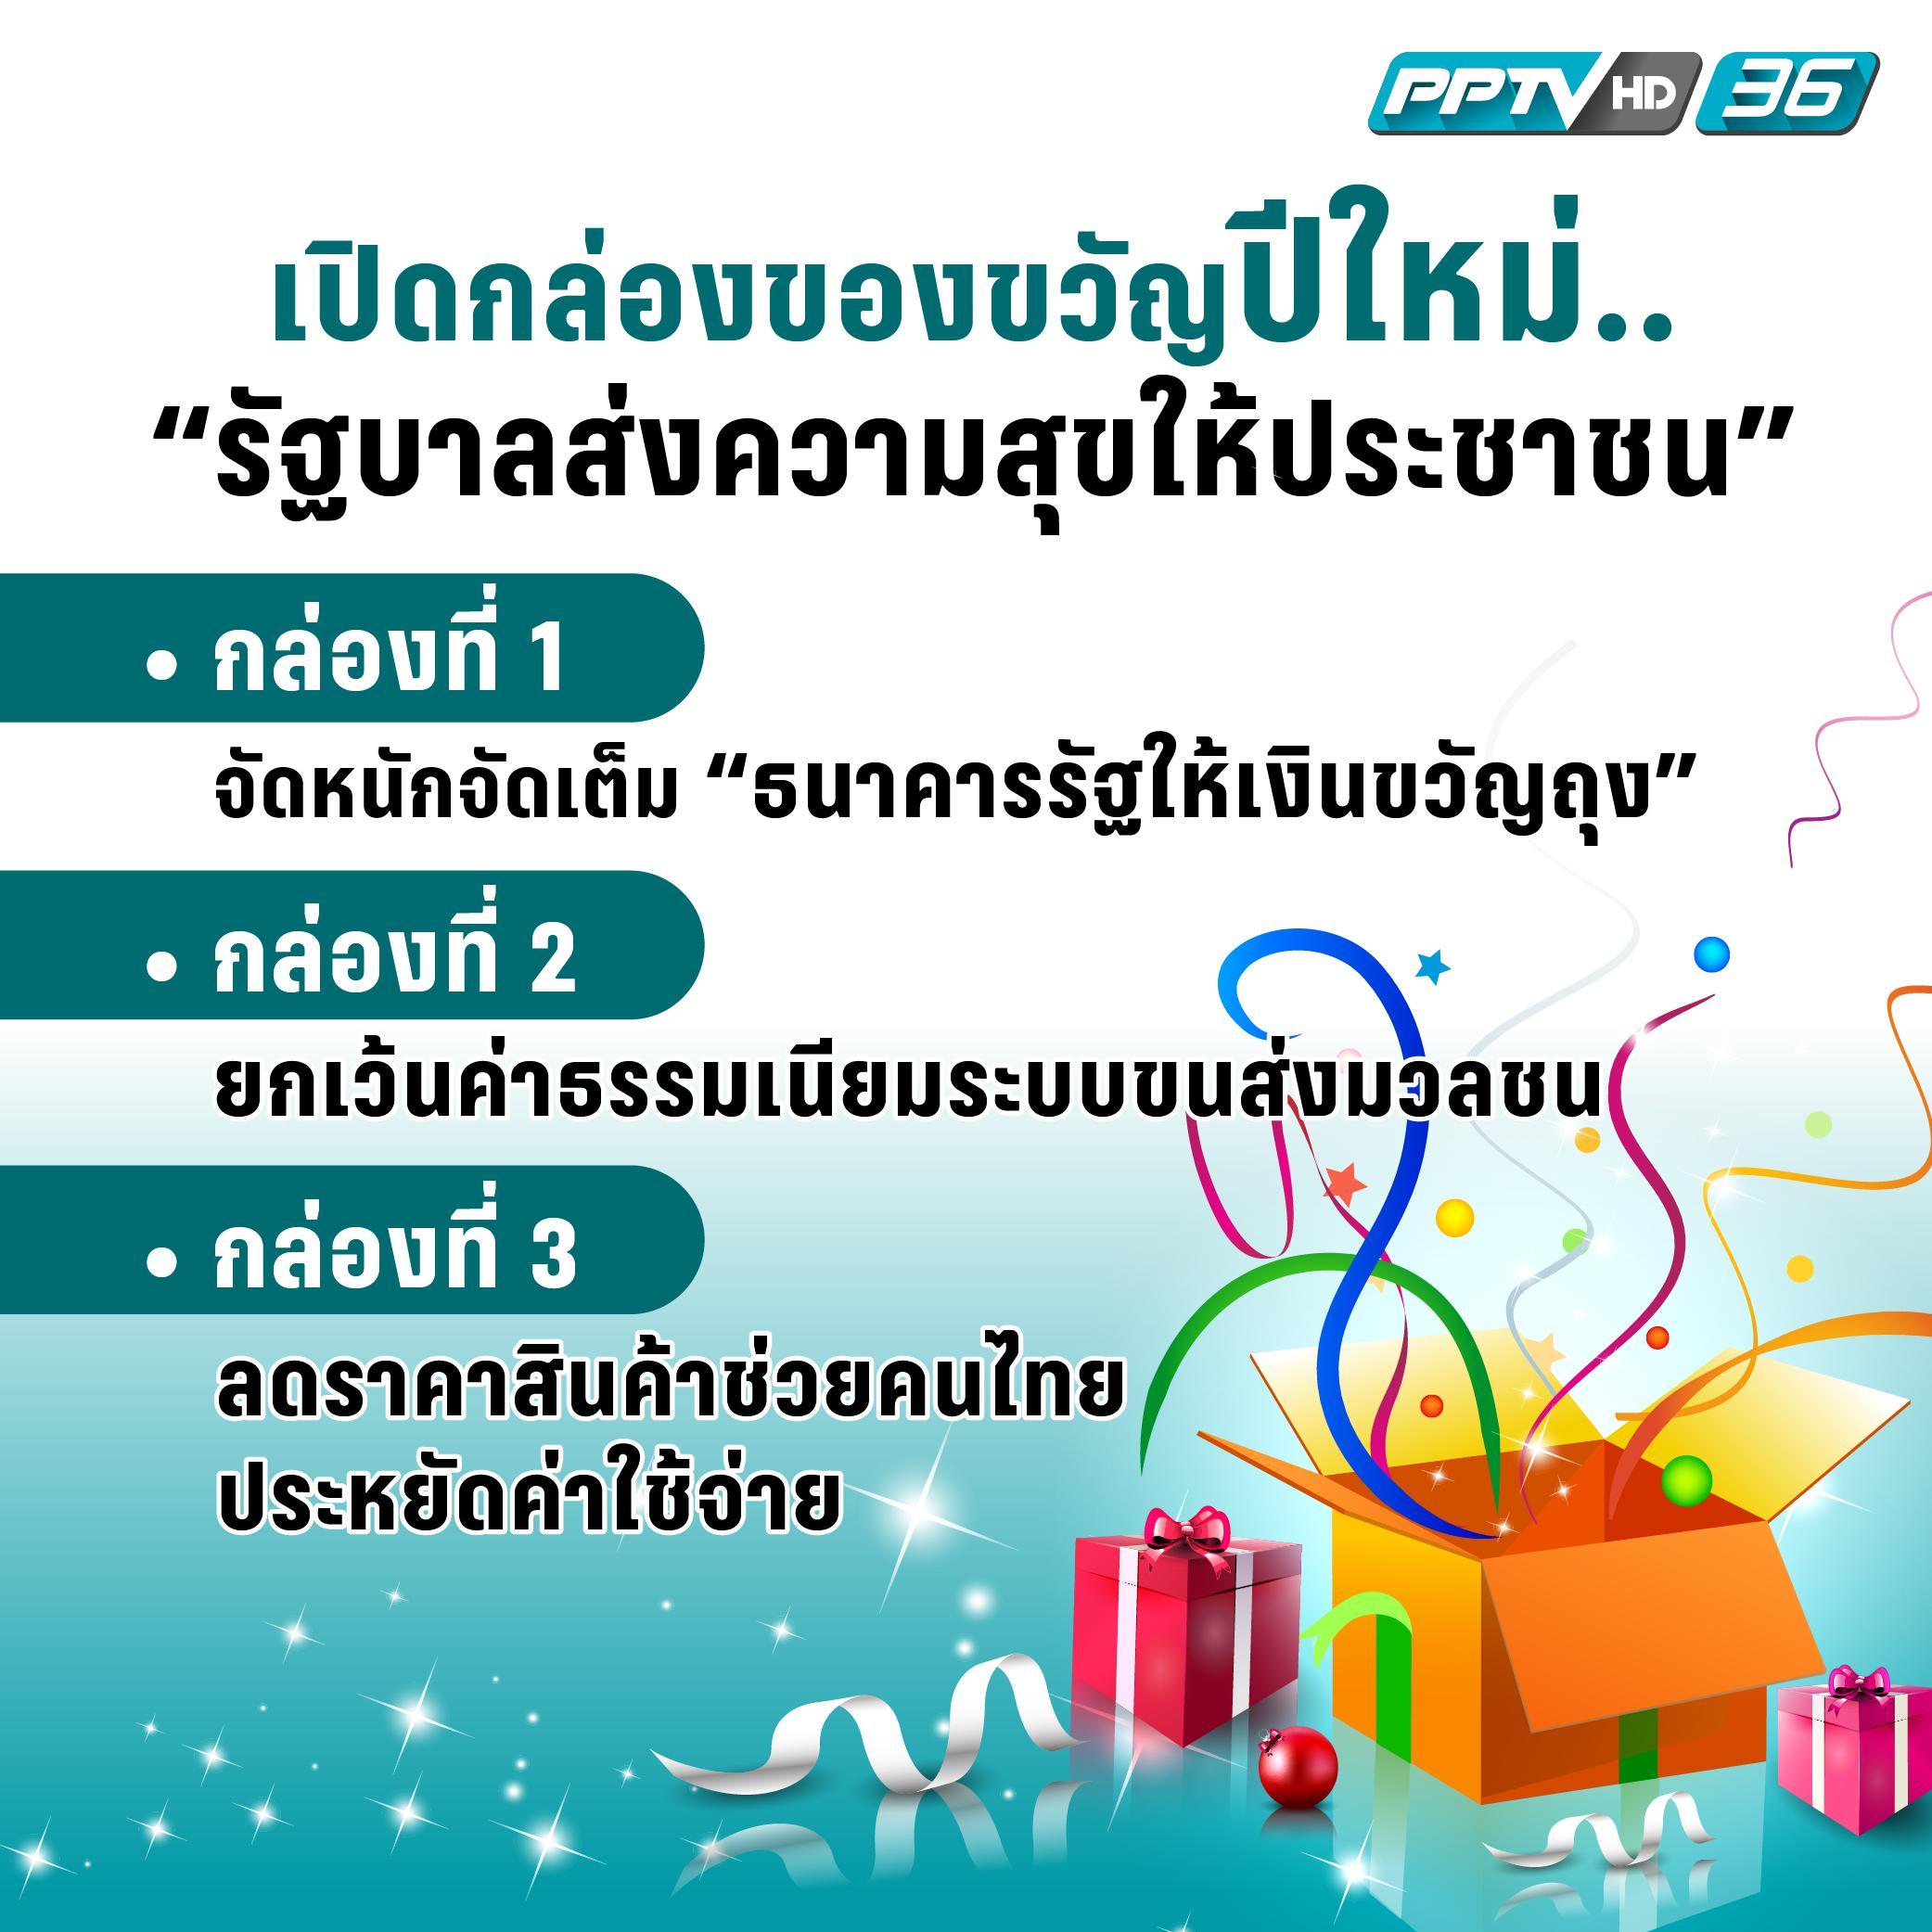 เปิดกล่องของขวัญปีใหม่..